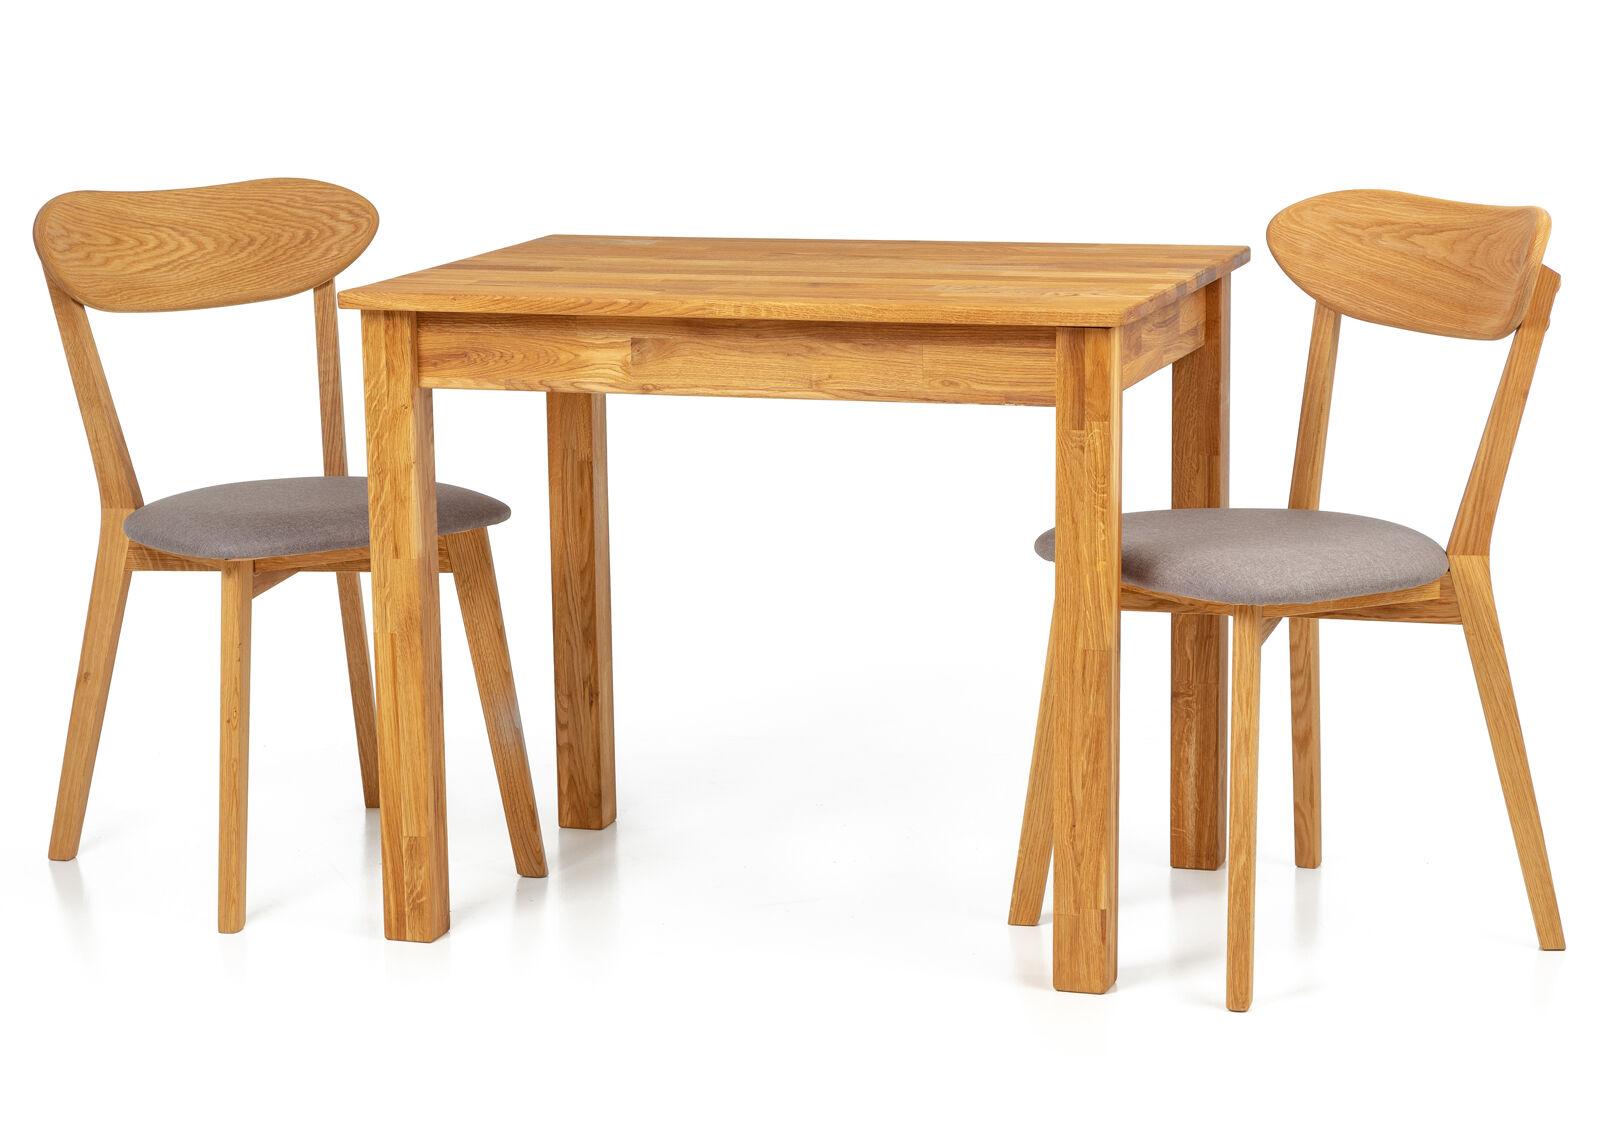 Lem Tammi ruokapöytä Len22 90x65 cm + 2 tuolia Irma harmaa